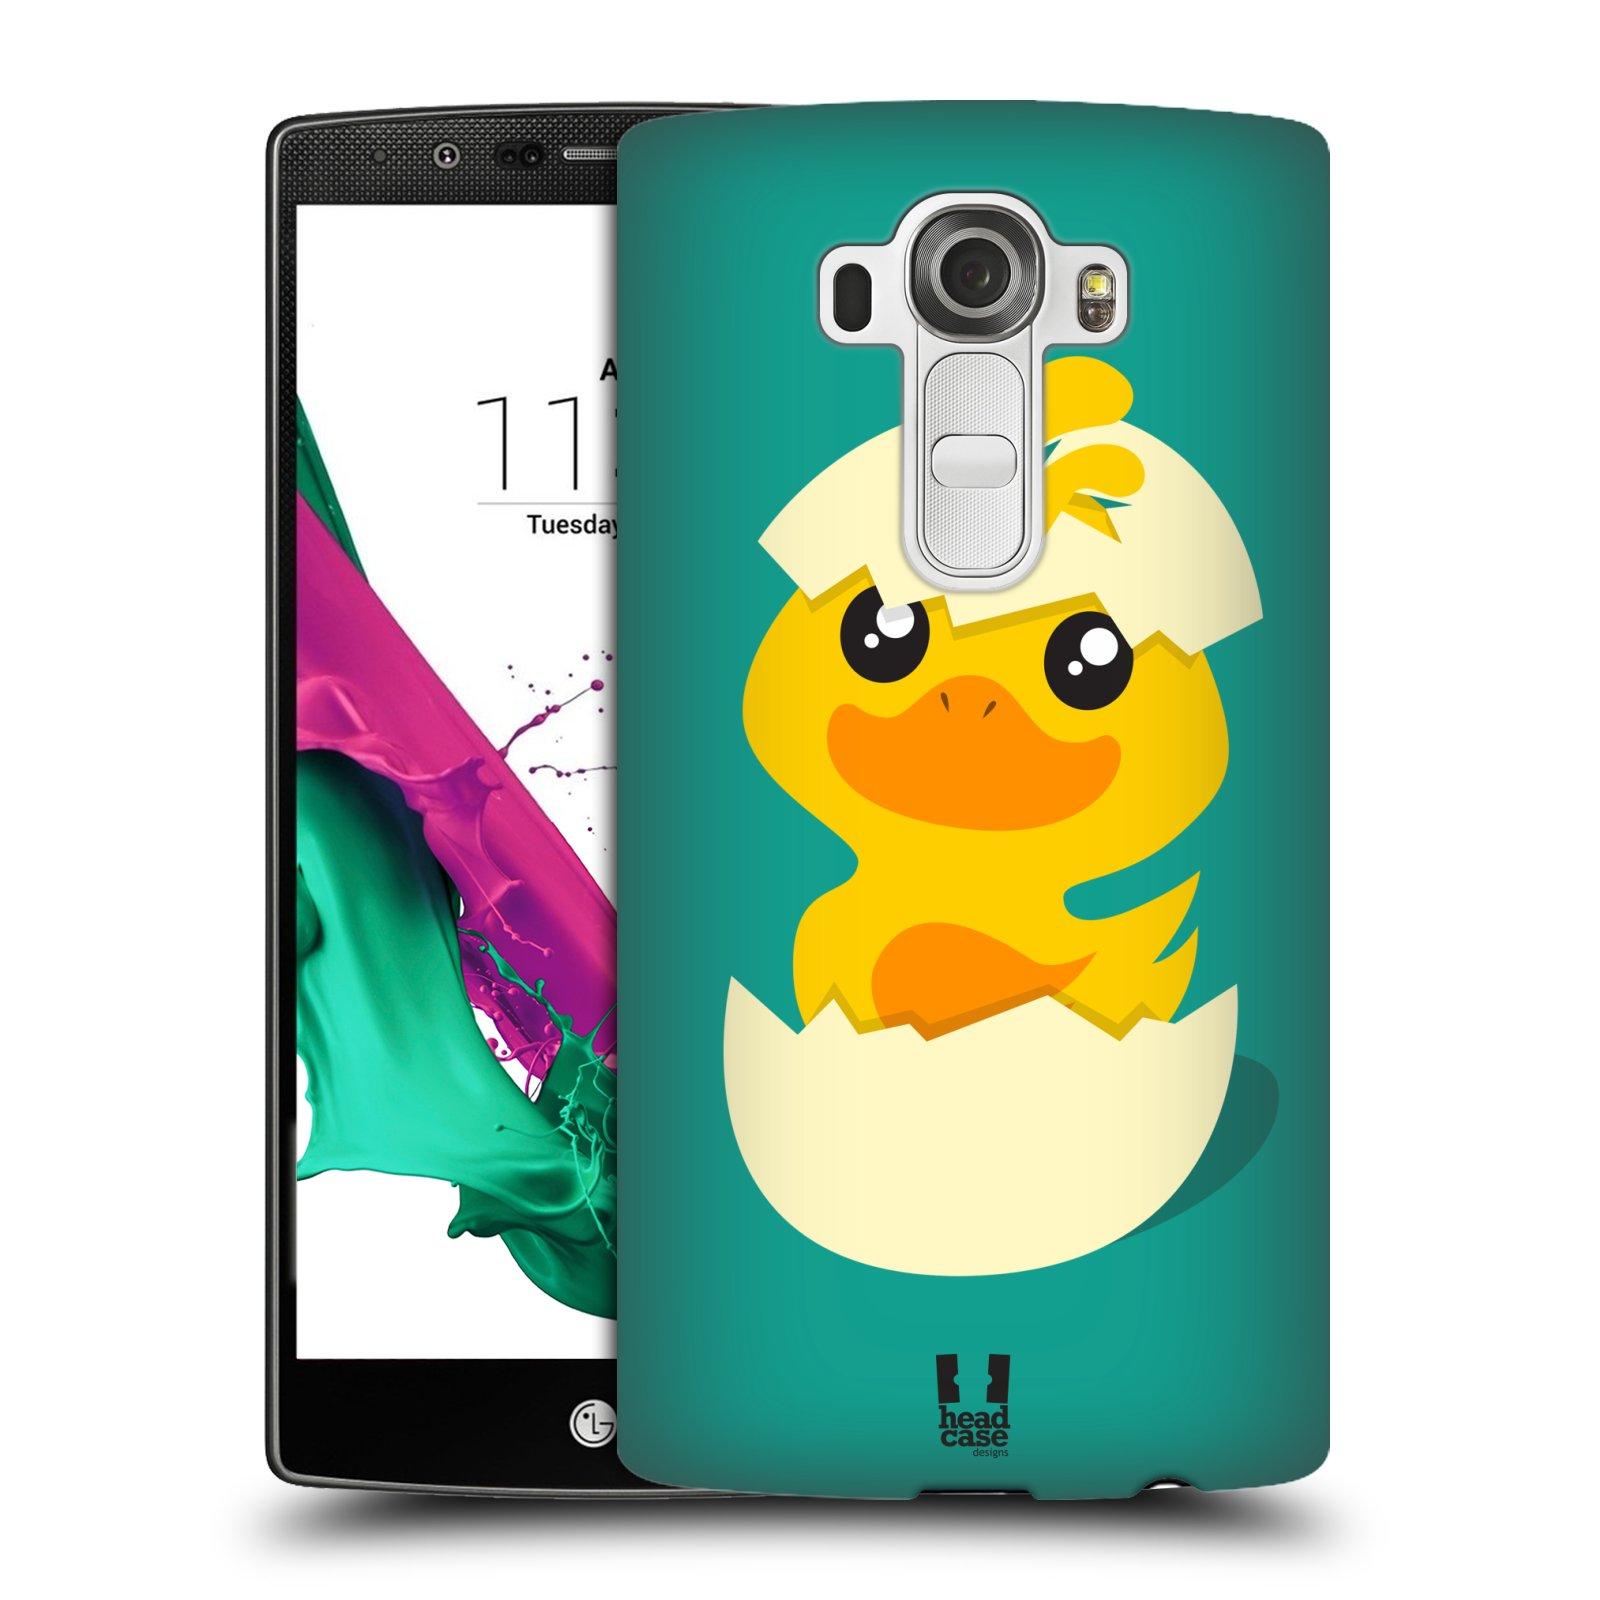 Plastové pouzdro na mobil LG G4 HEAD CASE KACHNIČKA Z VAJÍČKA (Kryt či obal na mobilní telefon LG G4 H815)